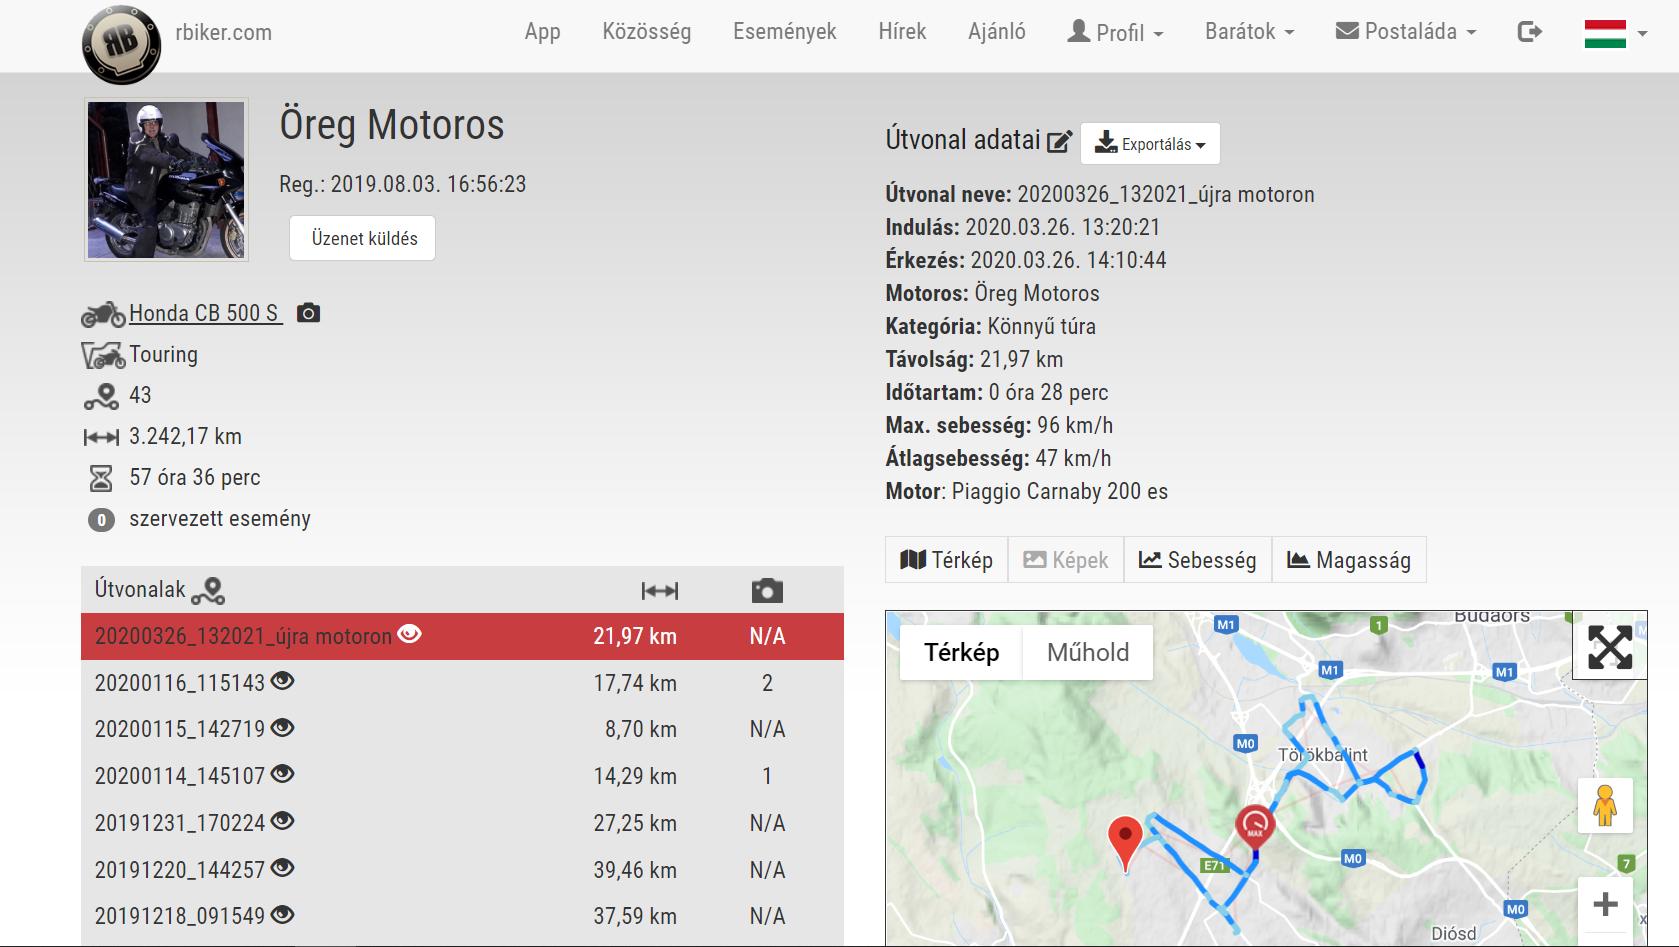 Nem volt ez nagy ügy. 22 km nagyon kényelmesen és biztonságosan. Lábamnak meg se kottyantak a megállások.